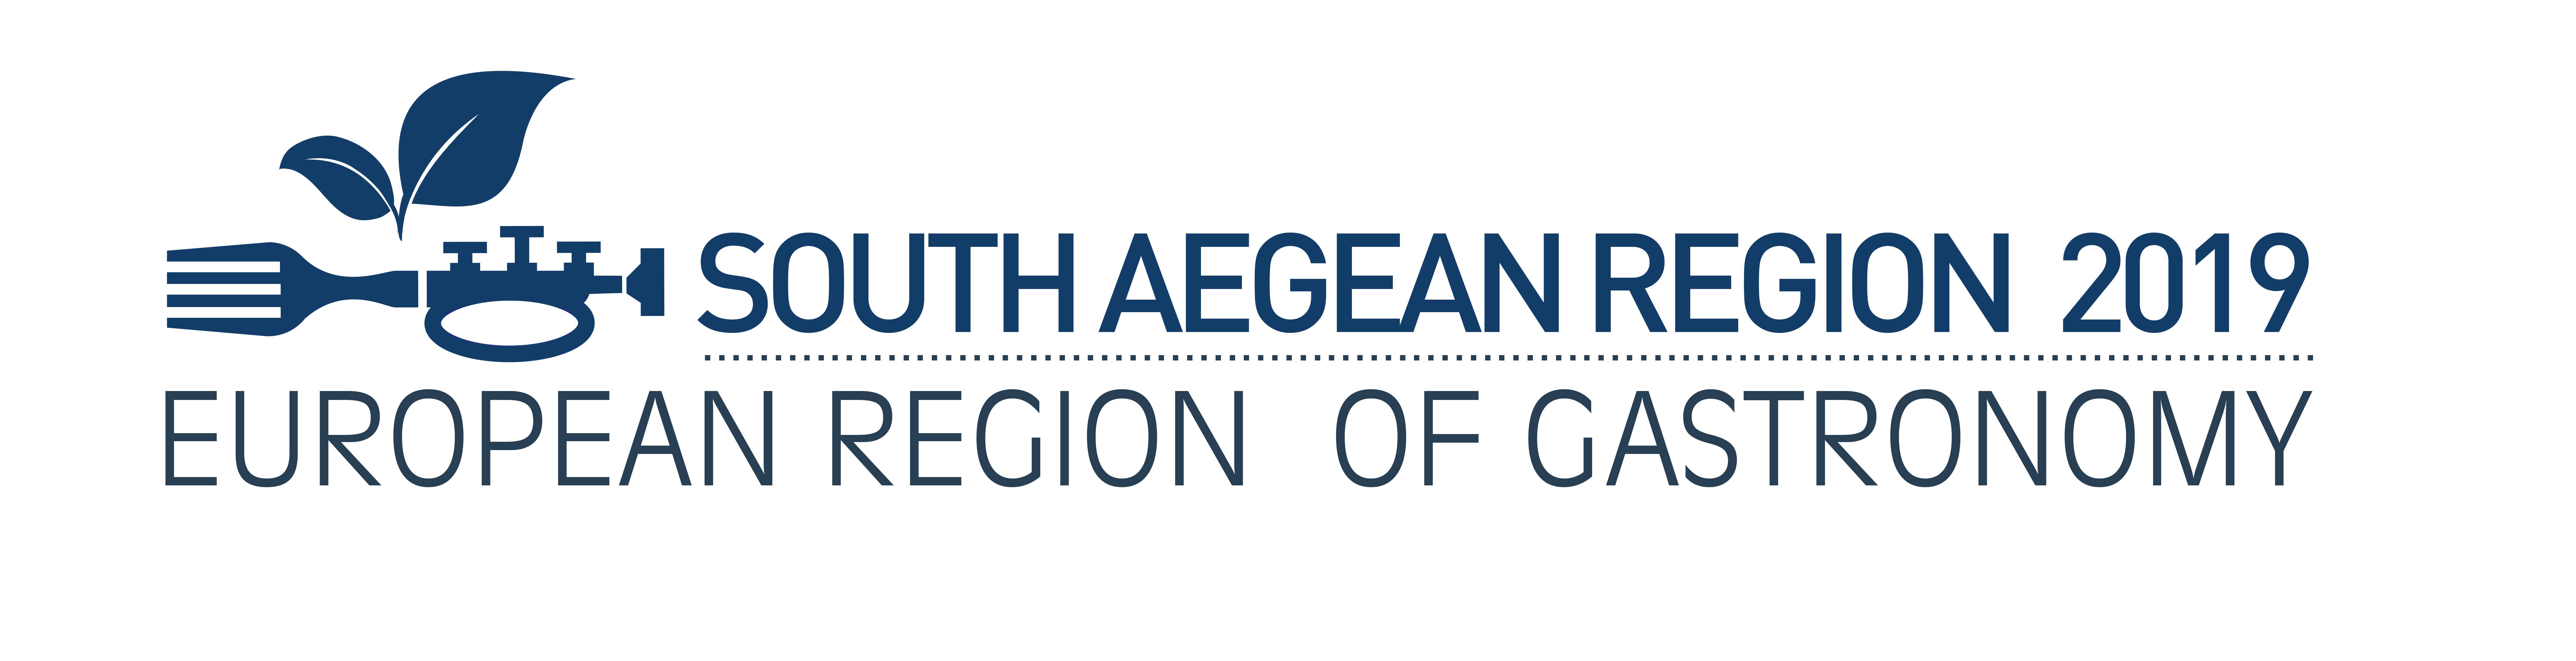 south_aegean_region_2019